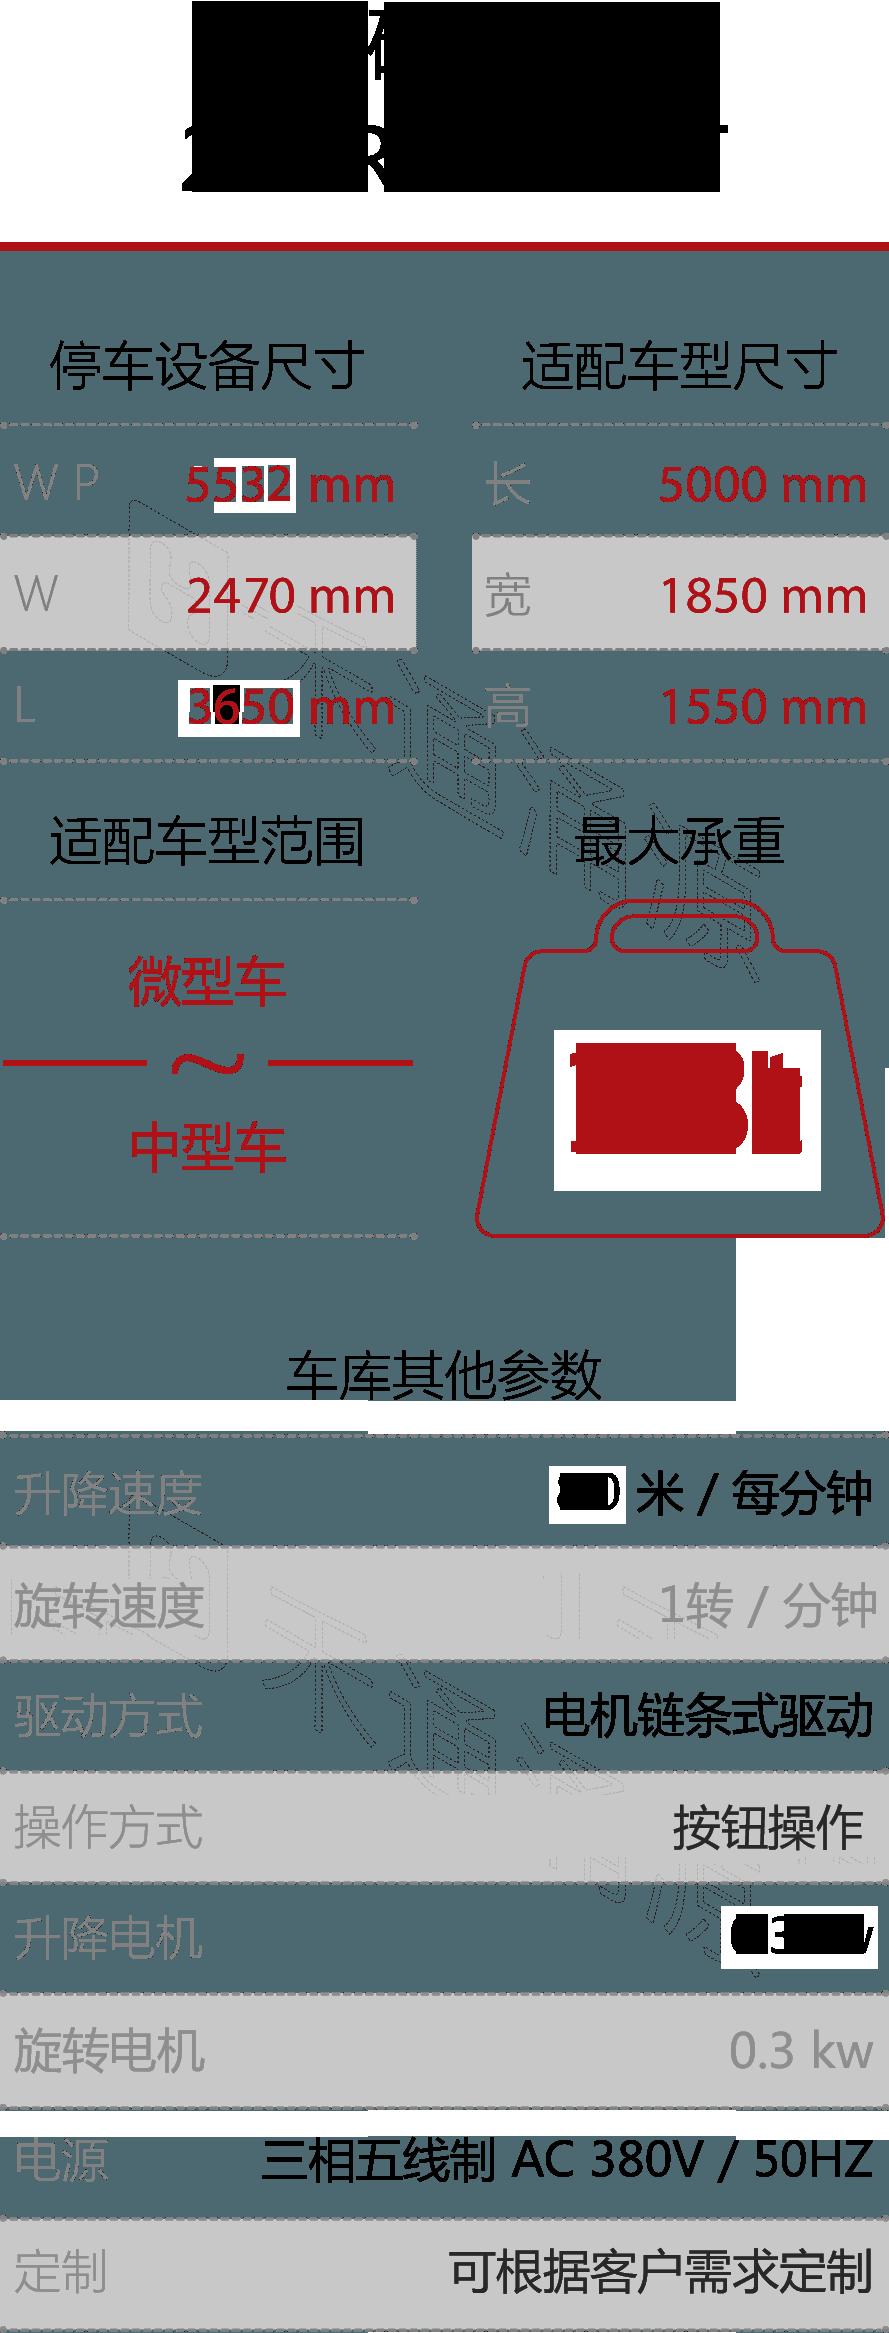 htw_灵兔-停车宝-设备参数S